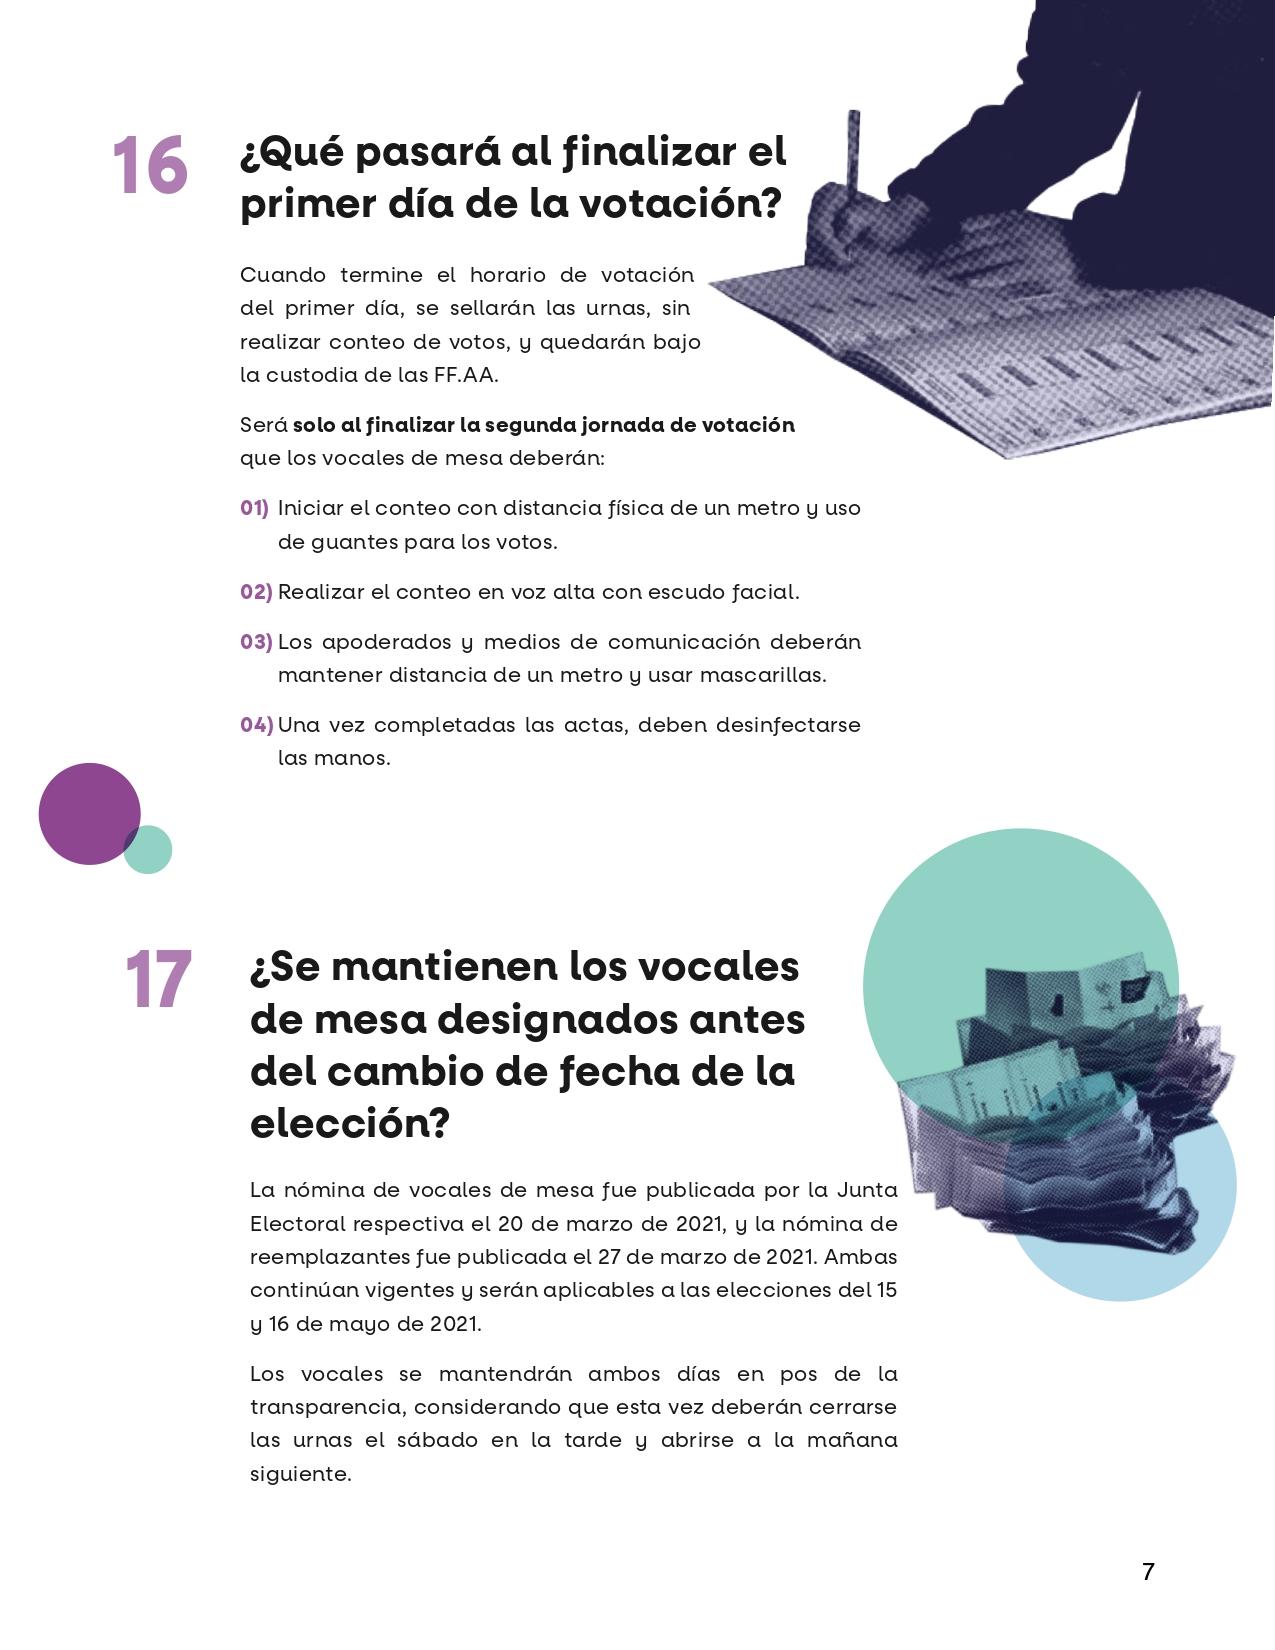 210506 Guía elección 15 y 16 mayo v3_page-0007